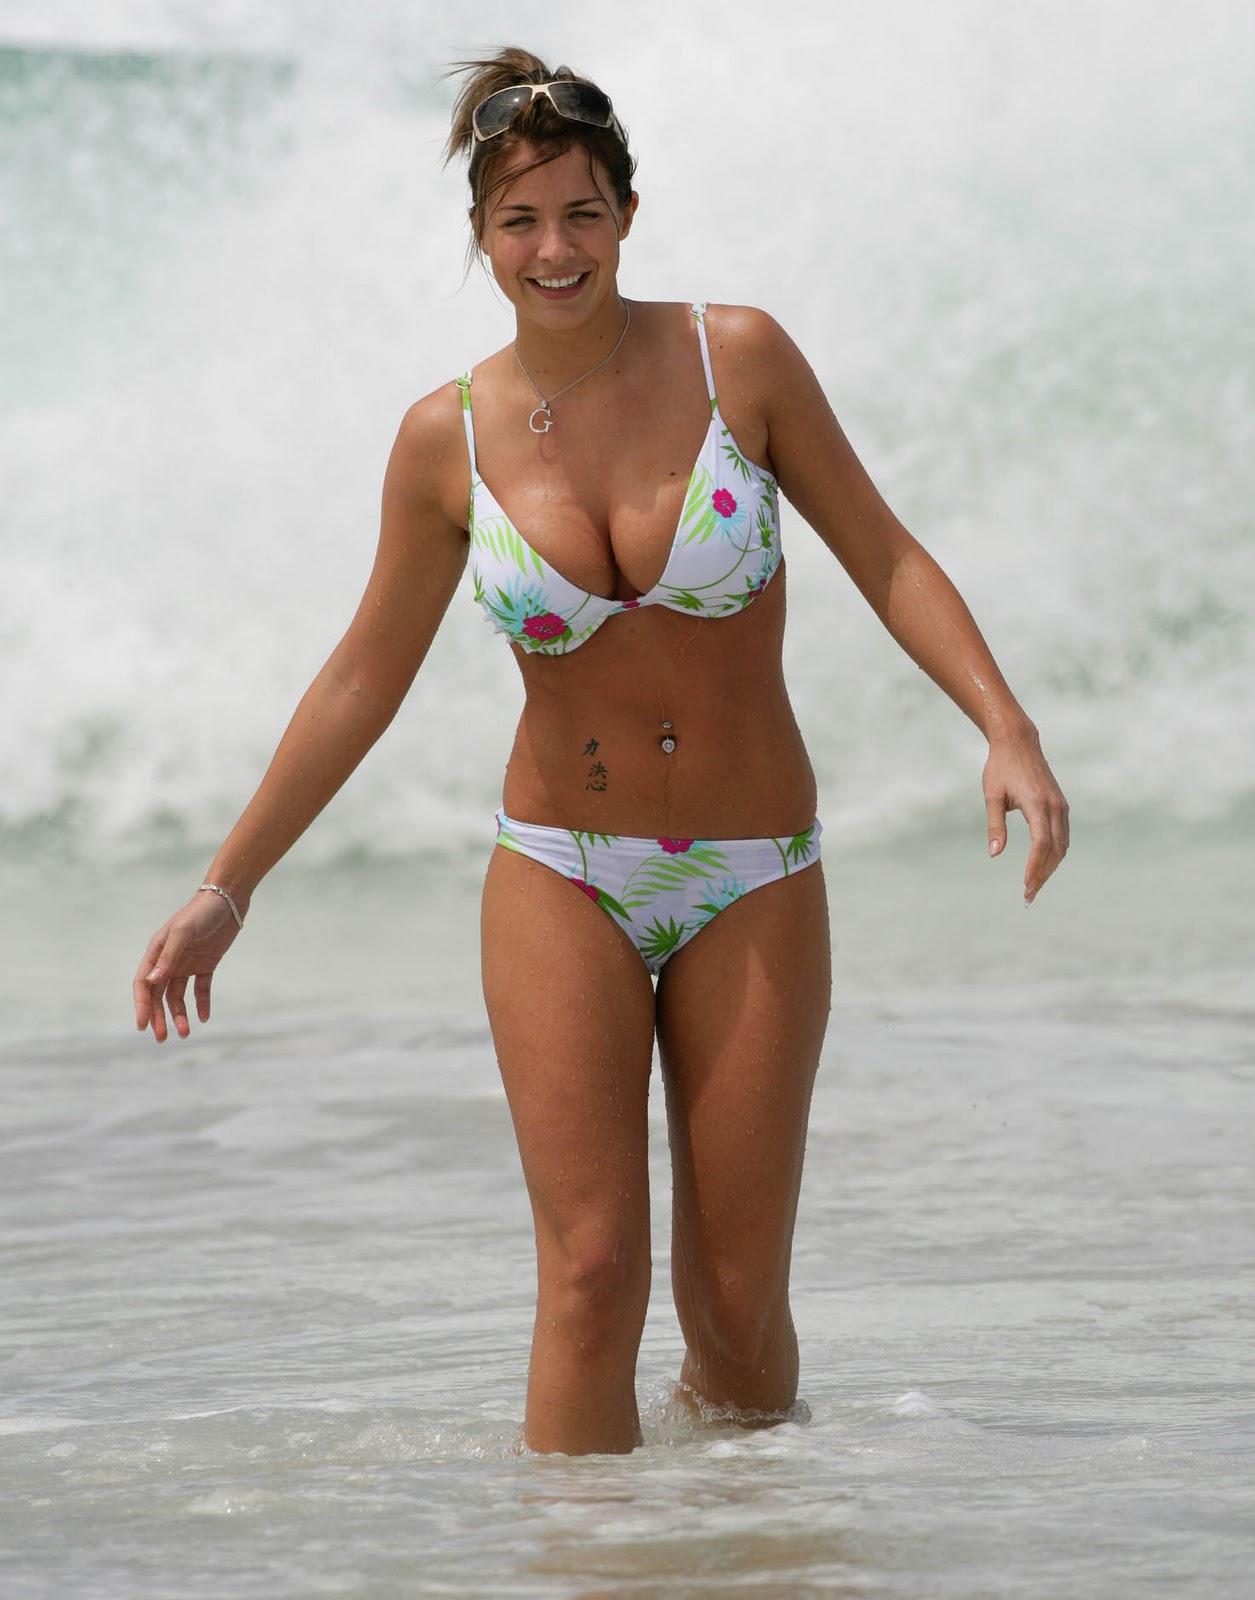 http://1.bp.blogspot.com/-nebb5LqLELQ/TbZ51d6UvXI/AAAAAAAAArY/8nFoh_3bx7E/s1600/gemma-atkinson-bikini-2.jpg